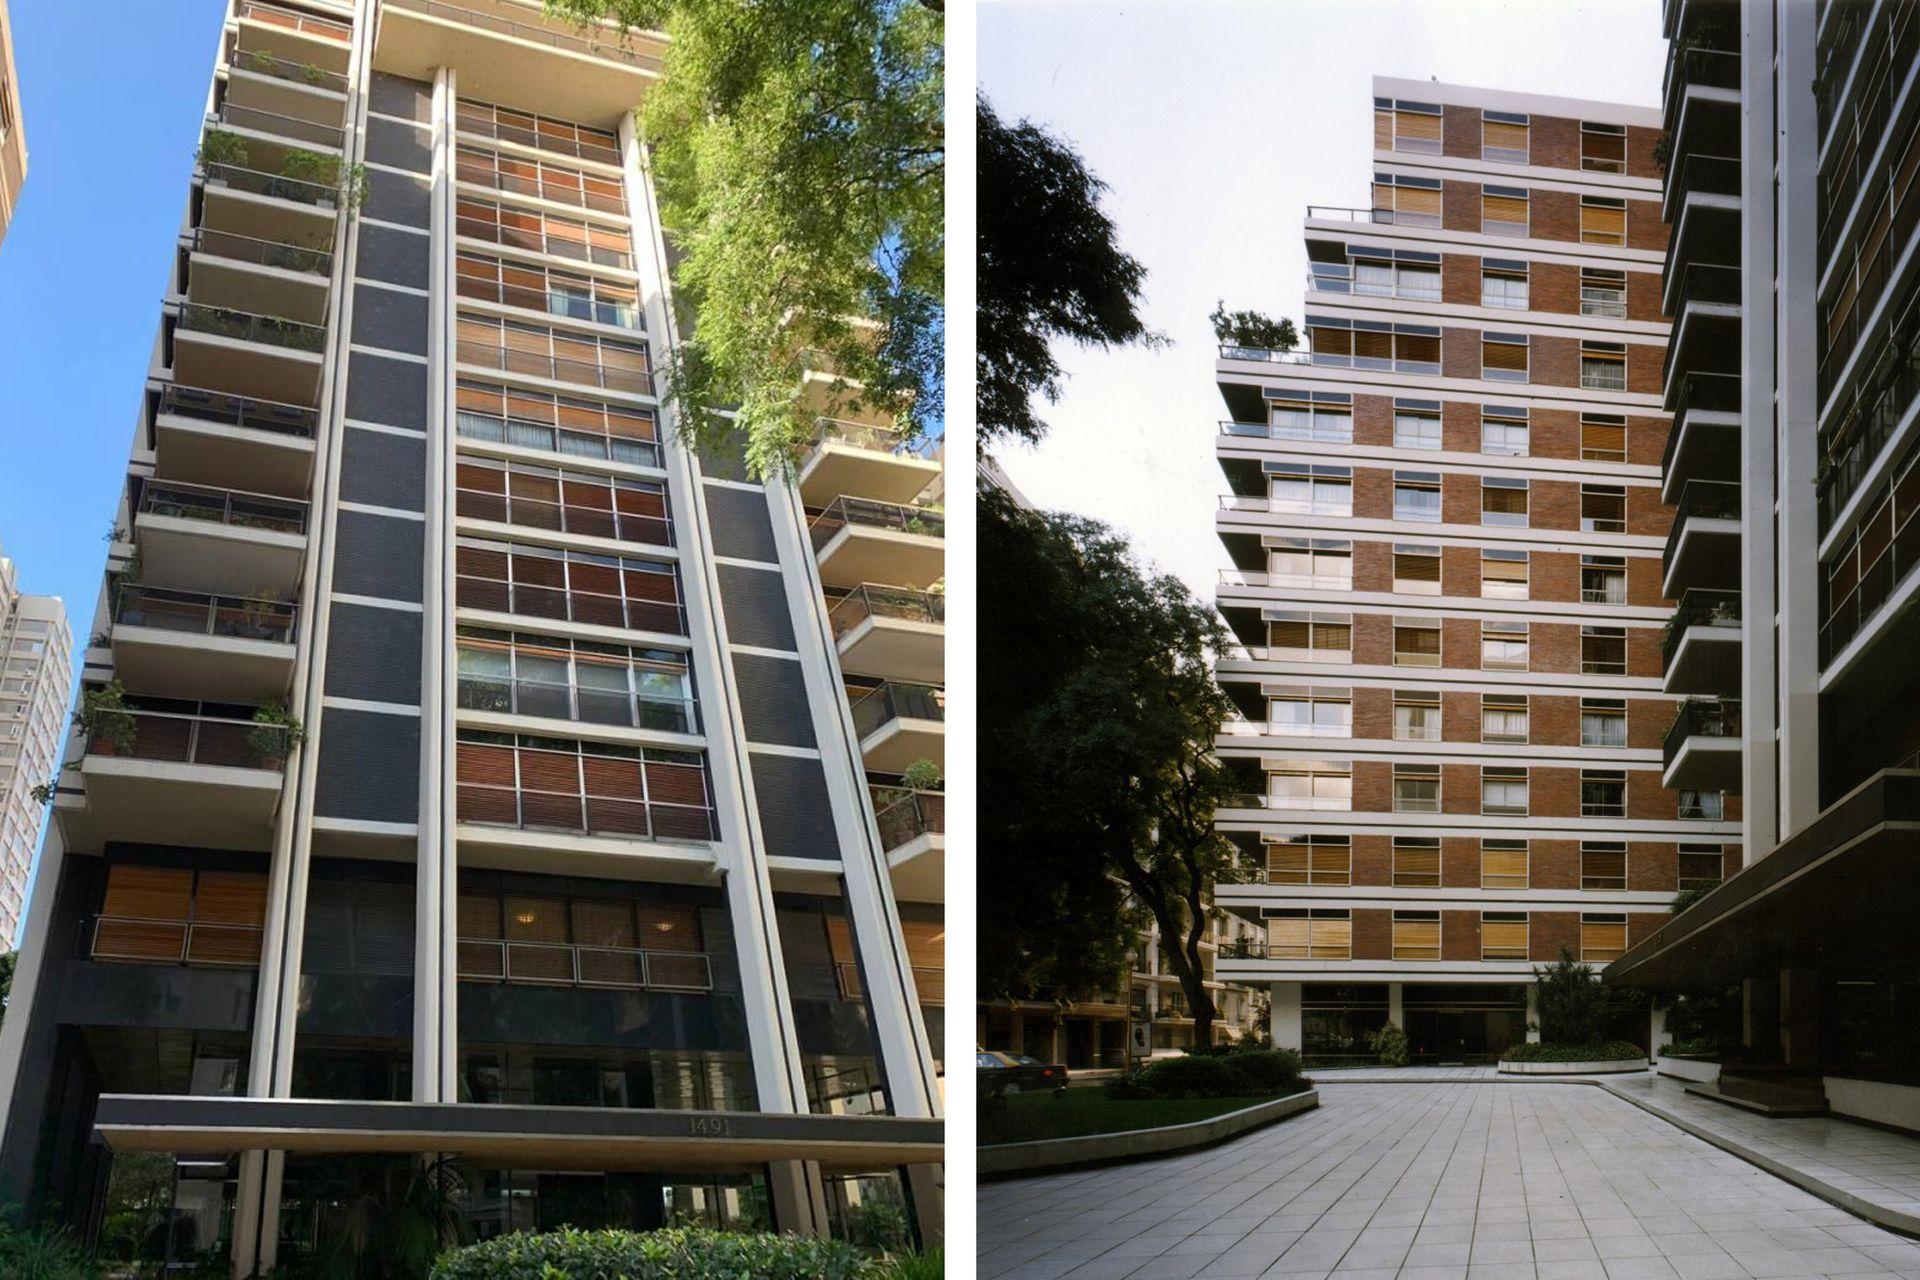 La emblemática torre del maestro de arquitectos Mario Roberto Álvarez, en la Avenida Alvear y Parera.